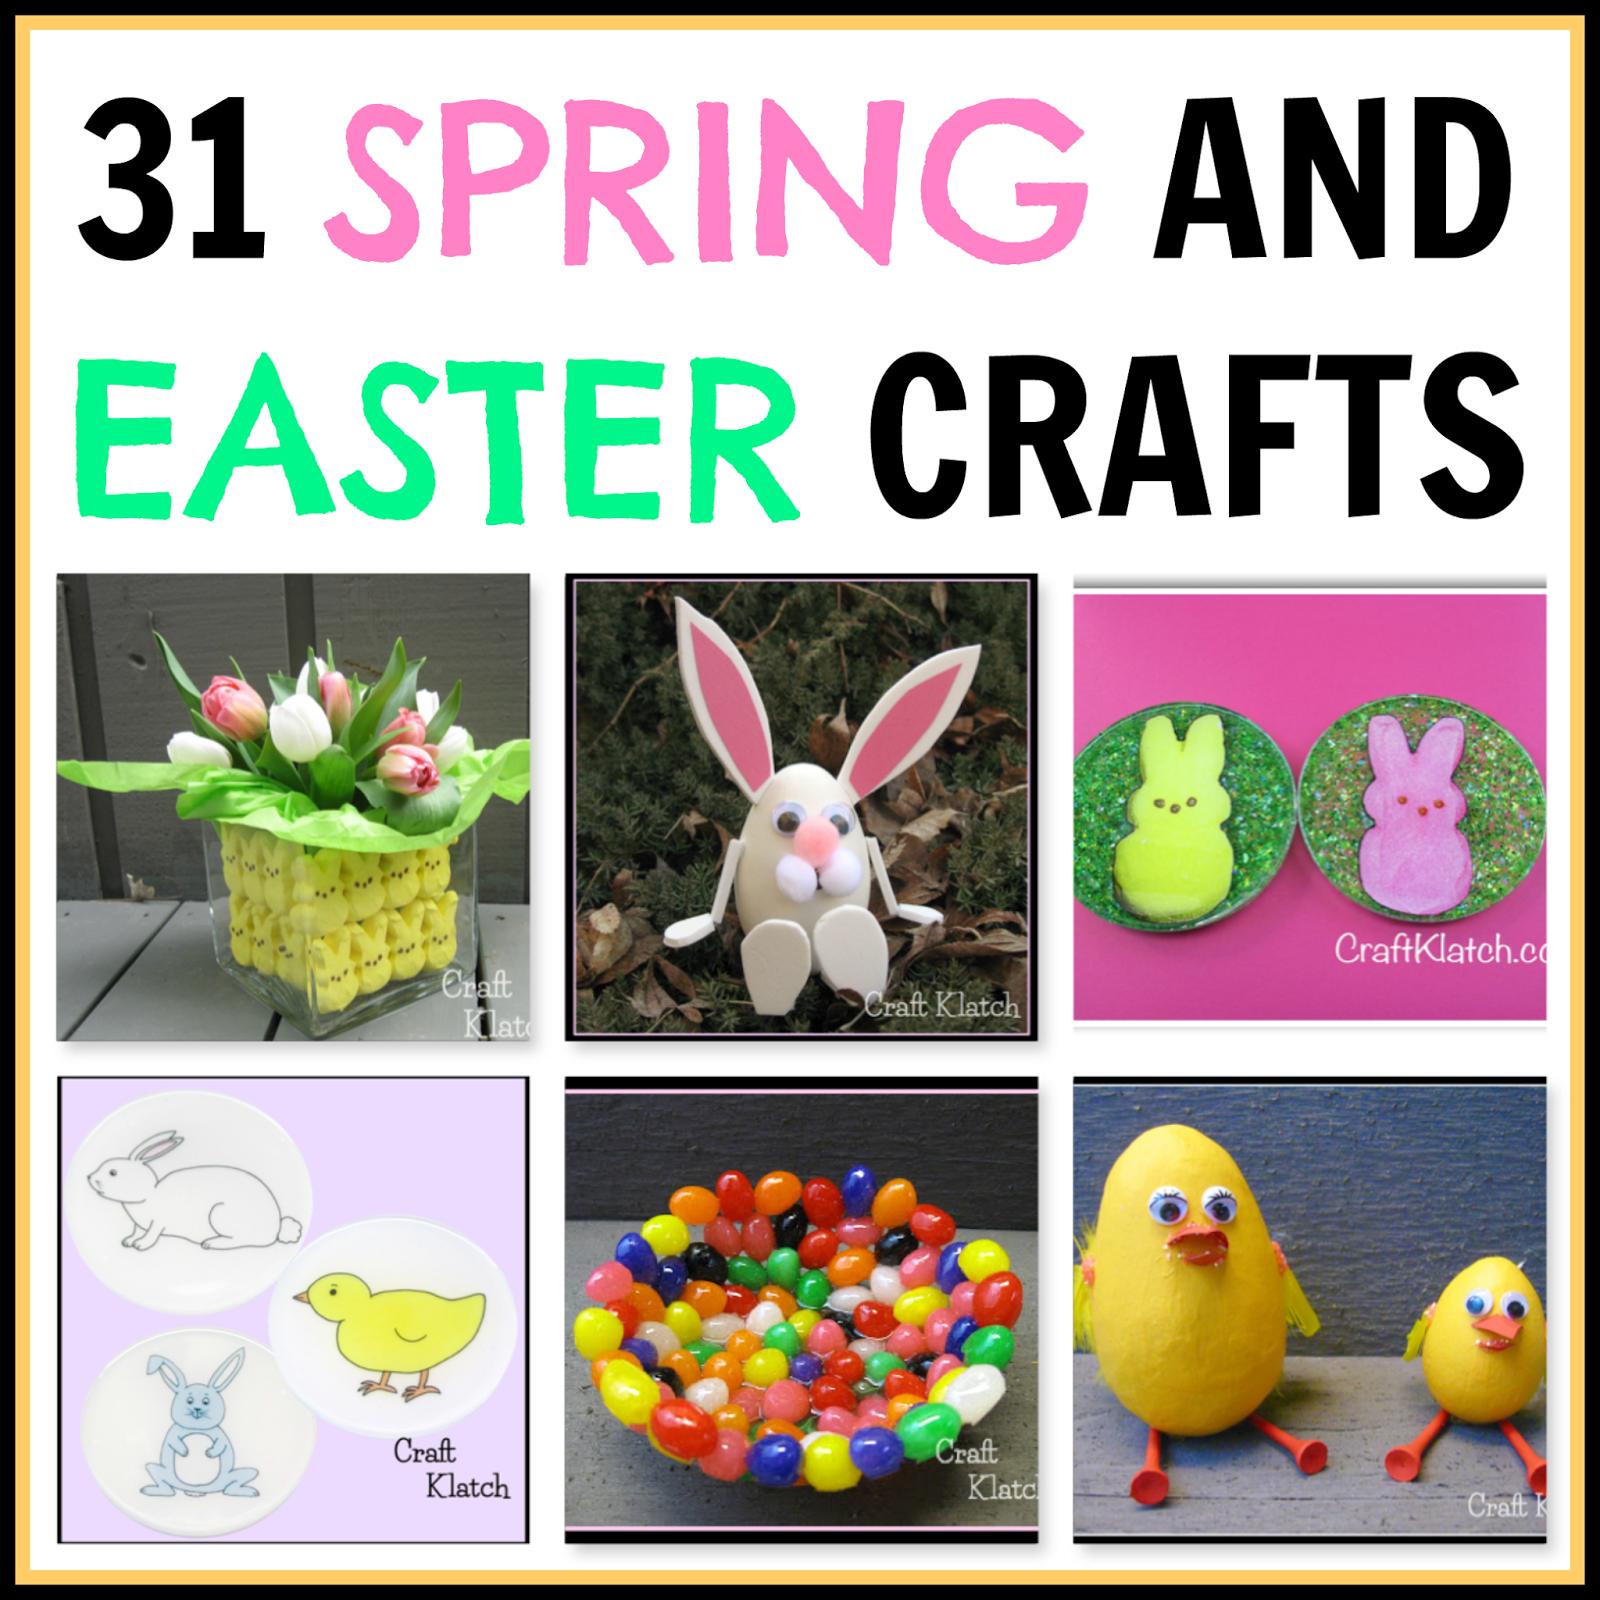 Craft Klatch ®: 31 Spring And Easter Crafts